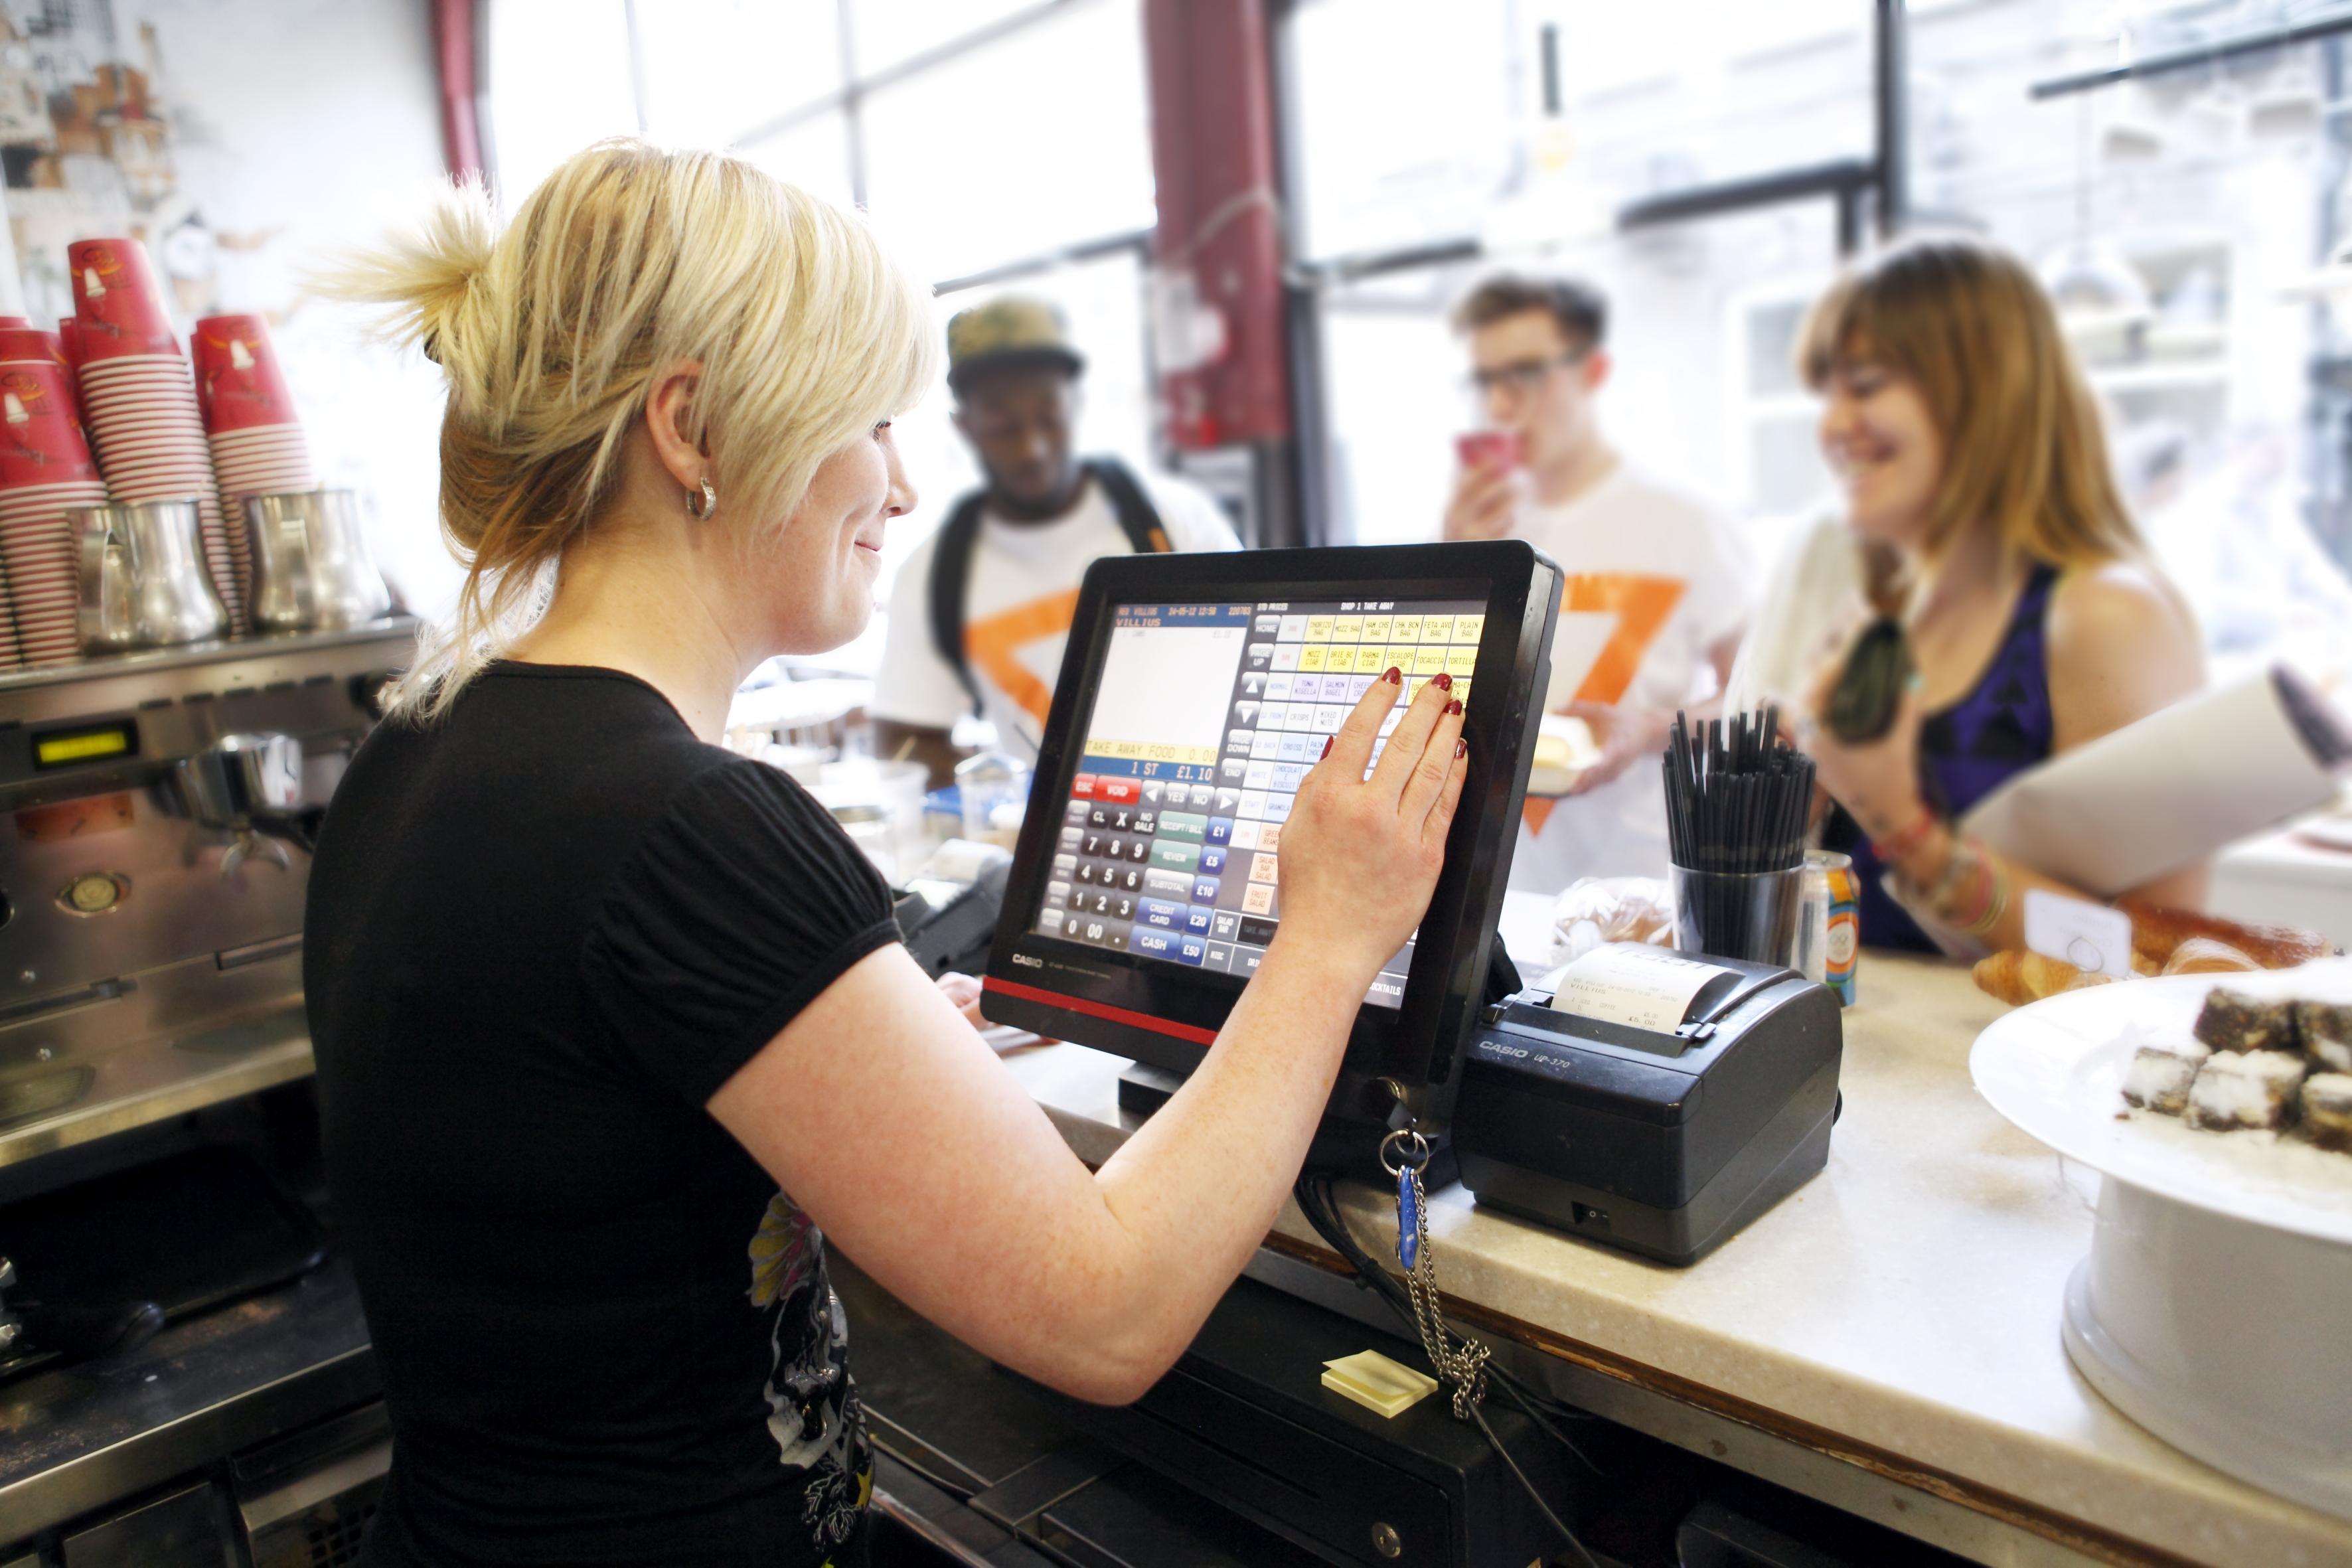 Vinkkejä työnhakijalle - miten valmistautua työhaastatteluun, mitä työnantaja saa kysyä?